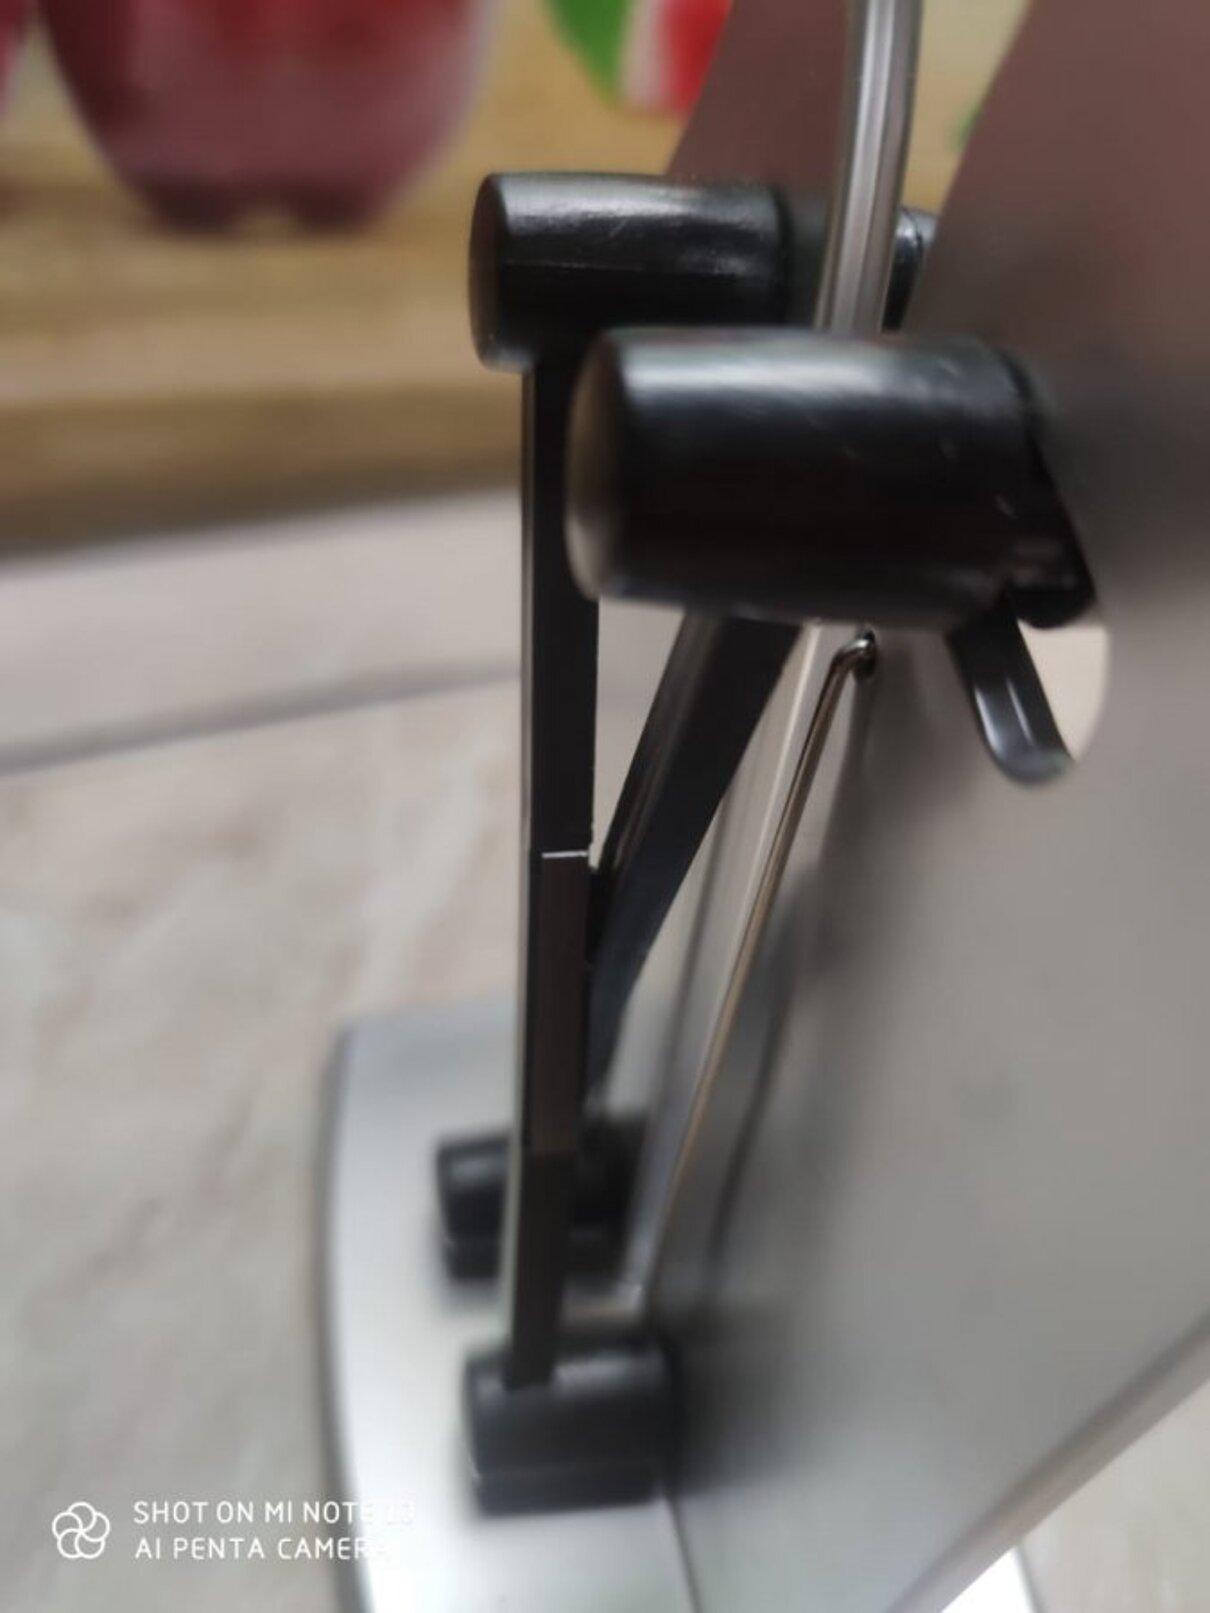 Жалоба-отзыв: Кatana king точилка для ножей - Брак.  Фото №2